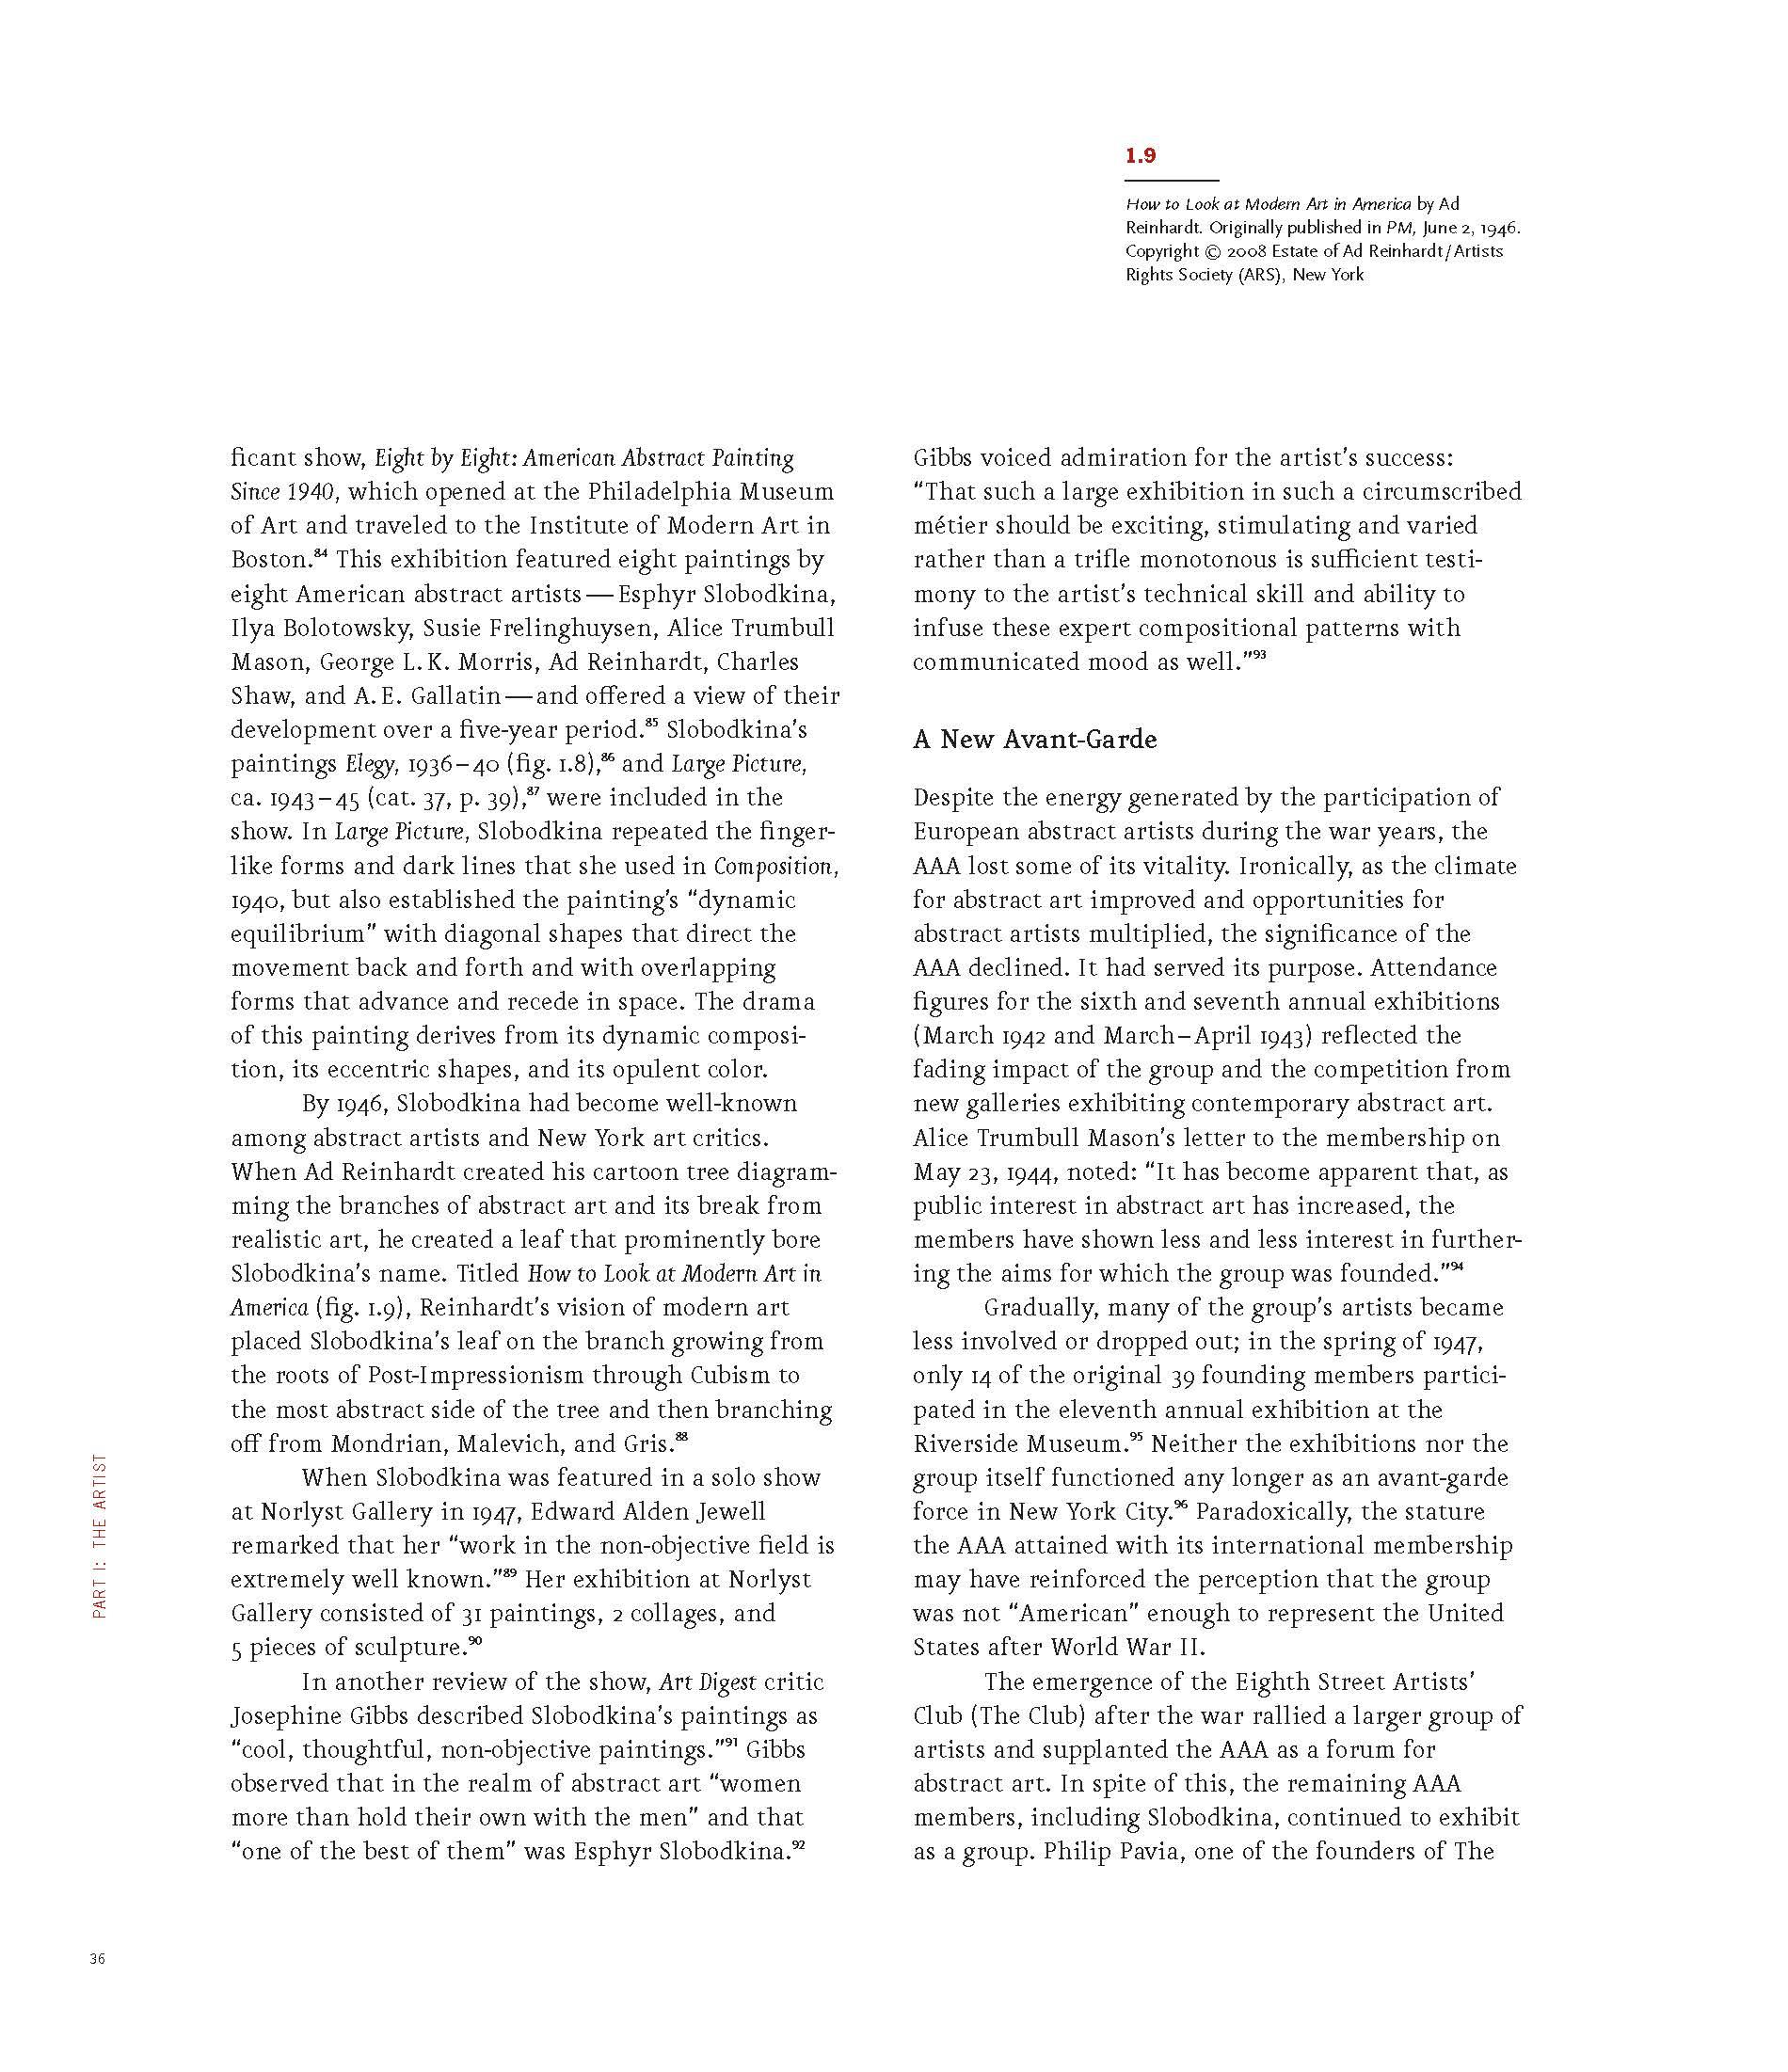 _Kraskin Essay The Artist_Page_24